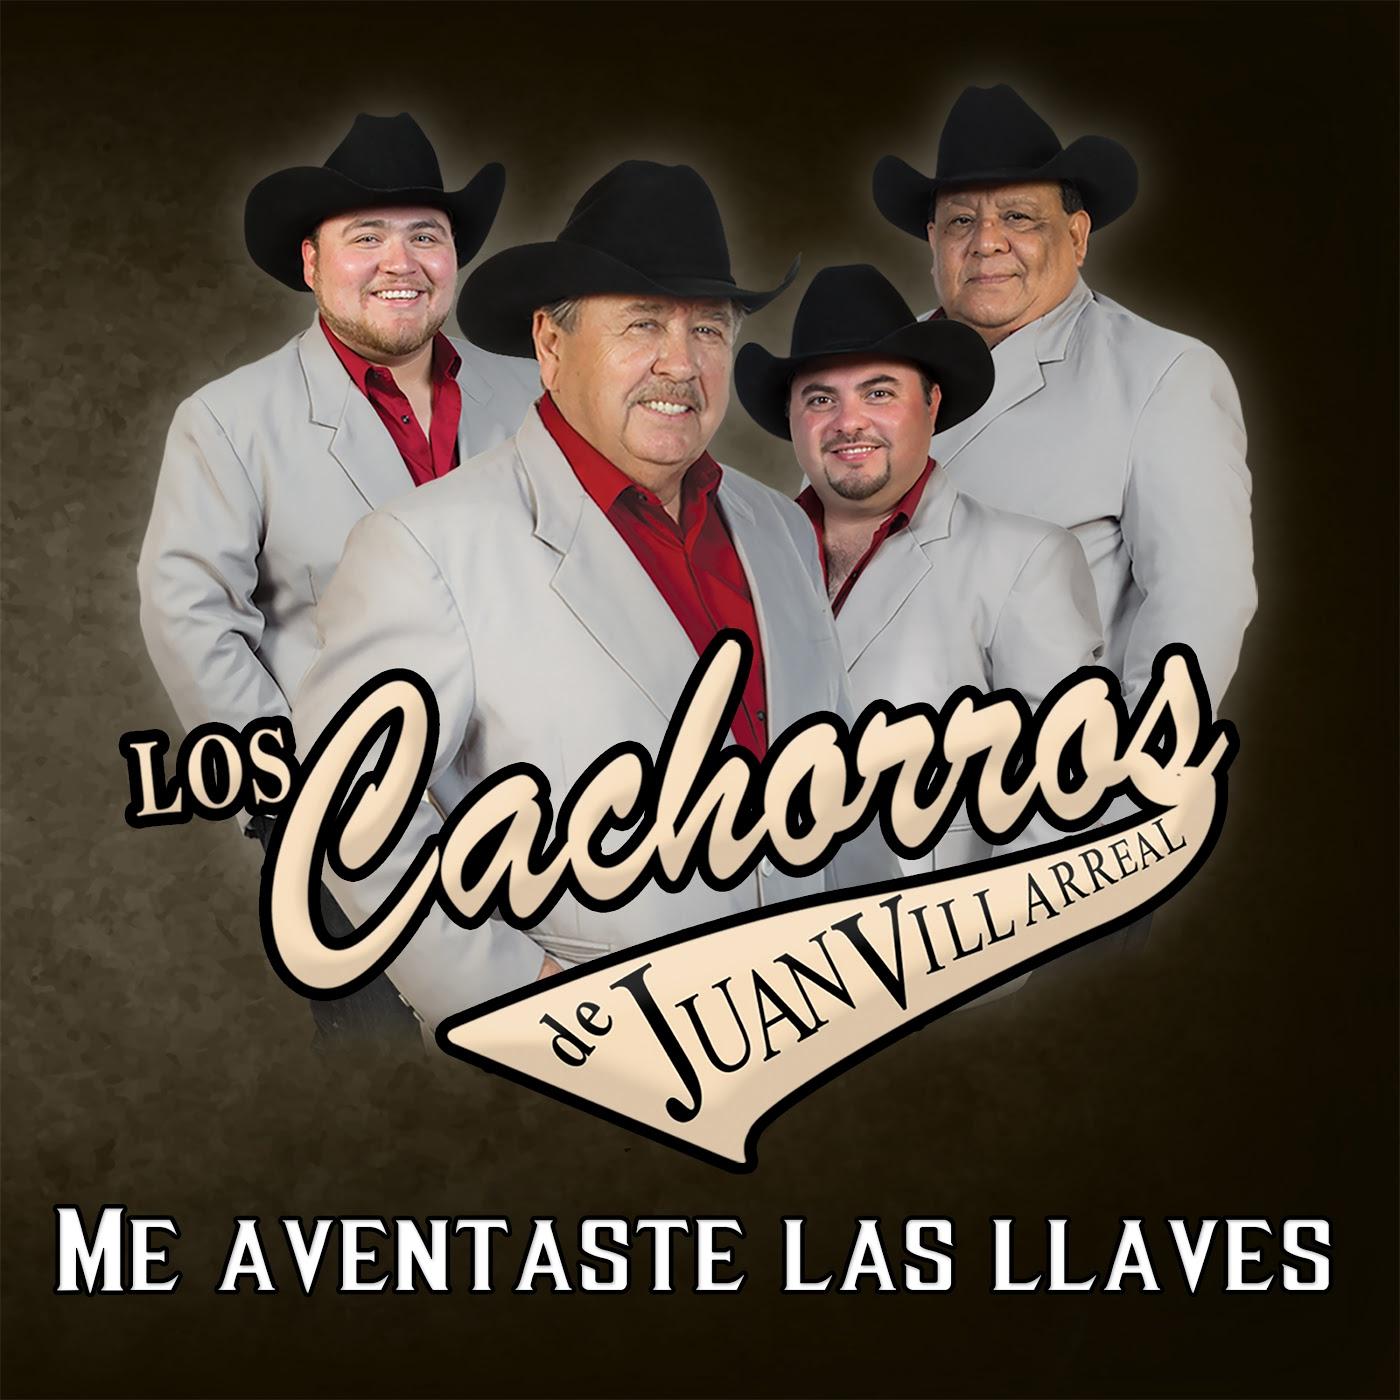 Los Cachorros De Juan Villarreal – Me Aventaste Las Llaves (Álbum 2016) portada